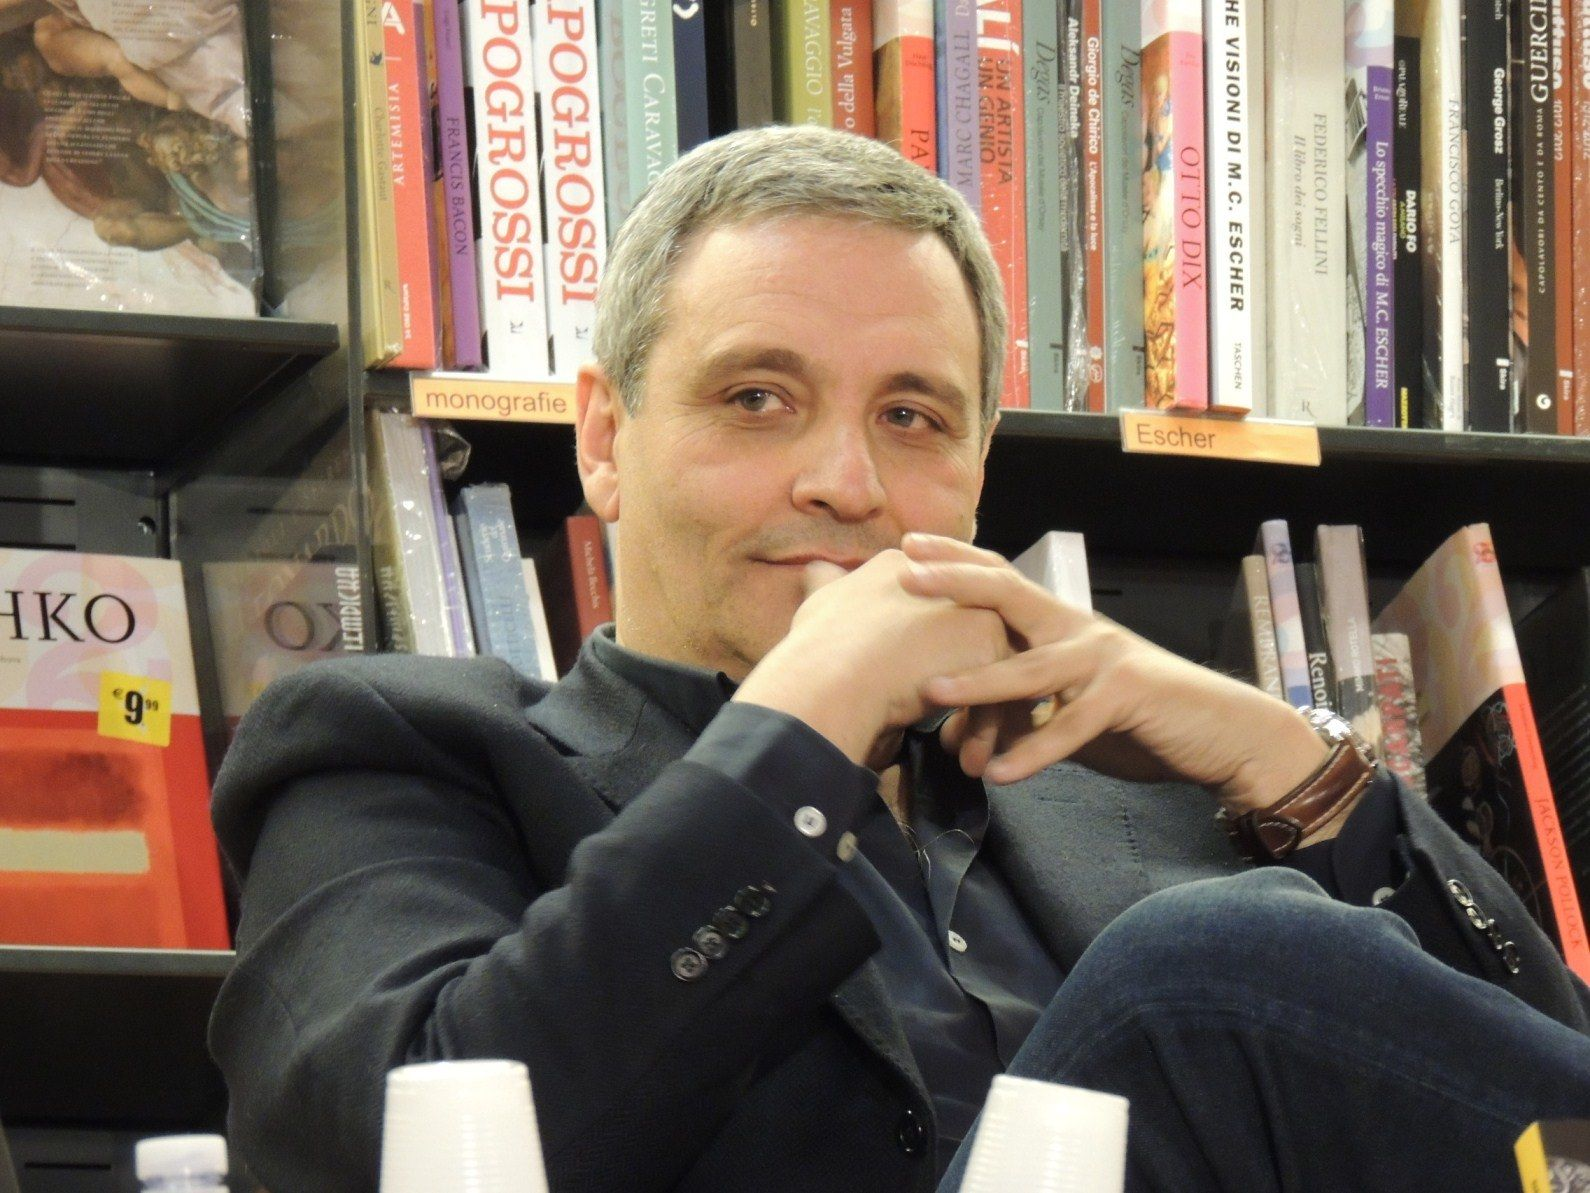 In fondo al tuo cuore di De Giovanni: libro e recensione sulla nuova indagine del commissario Ricciardi